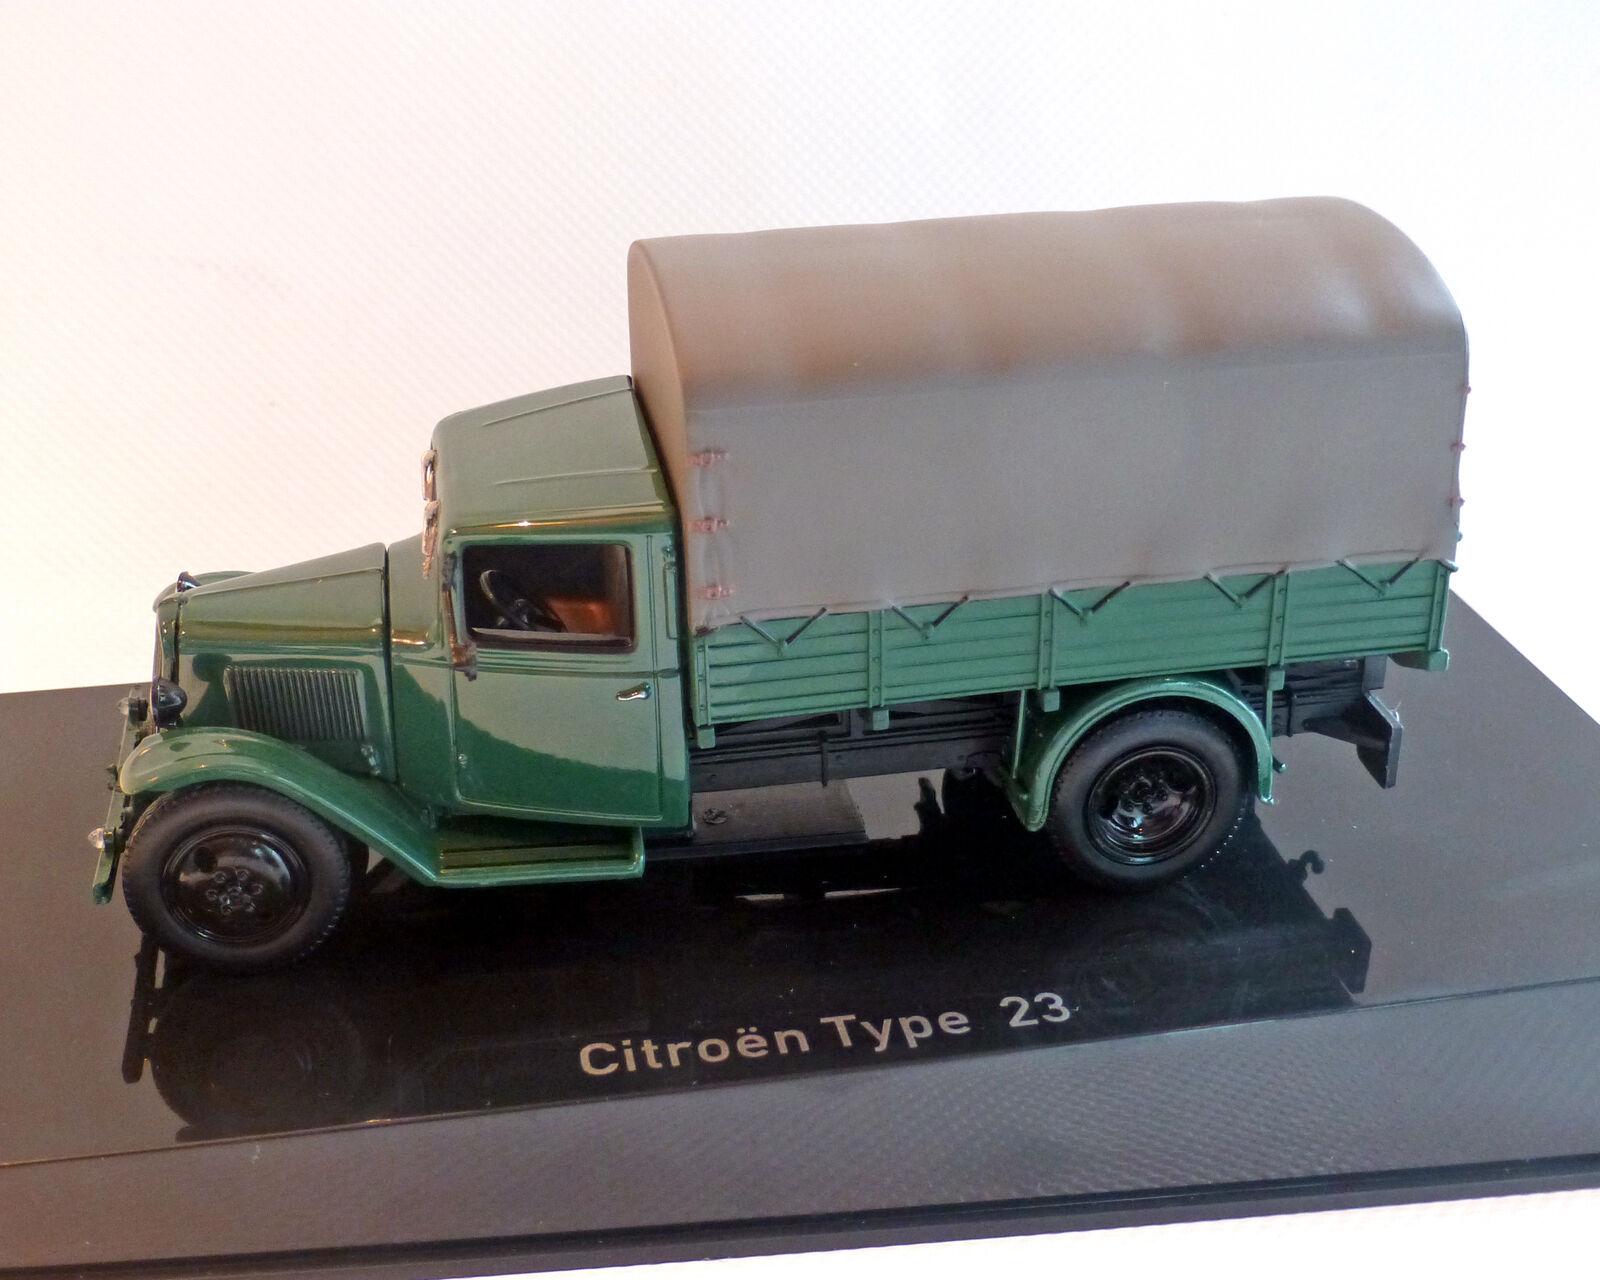 Citroen Type 23 (van), 1946, 1 43 norev